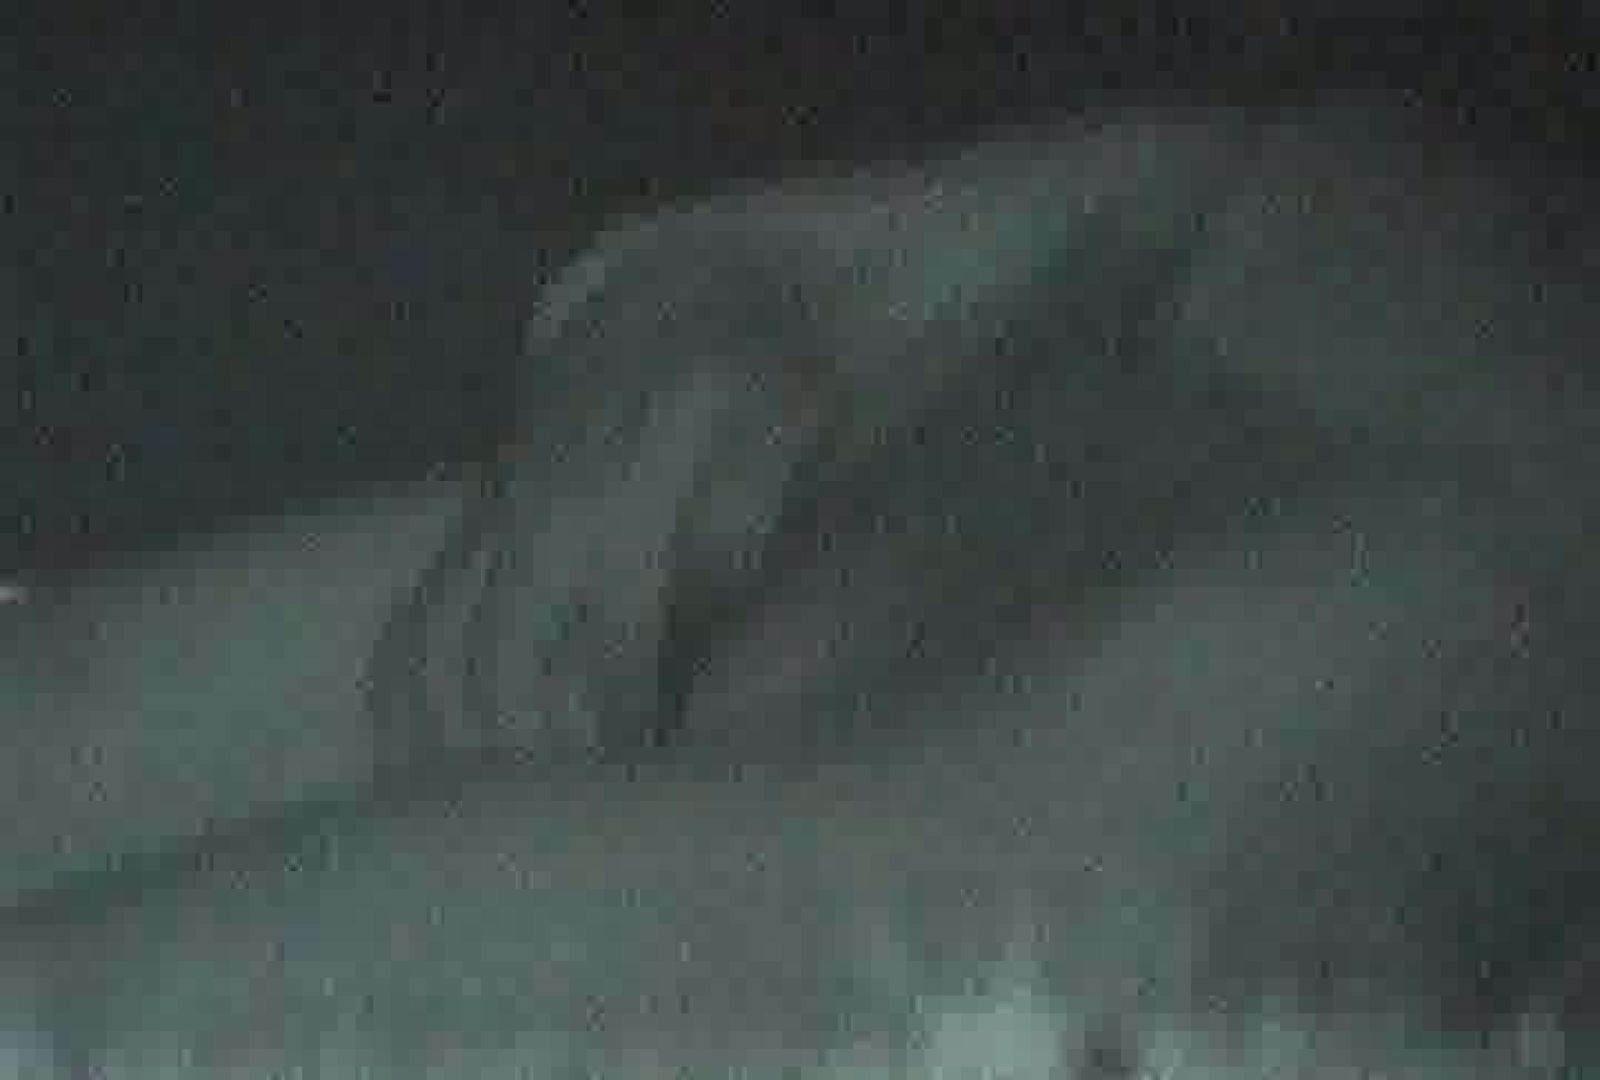 充血監督の深夜の運動会Vol.73 エロティックなOL  86画像 75